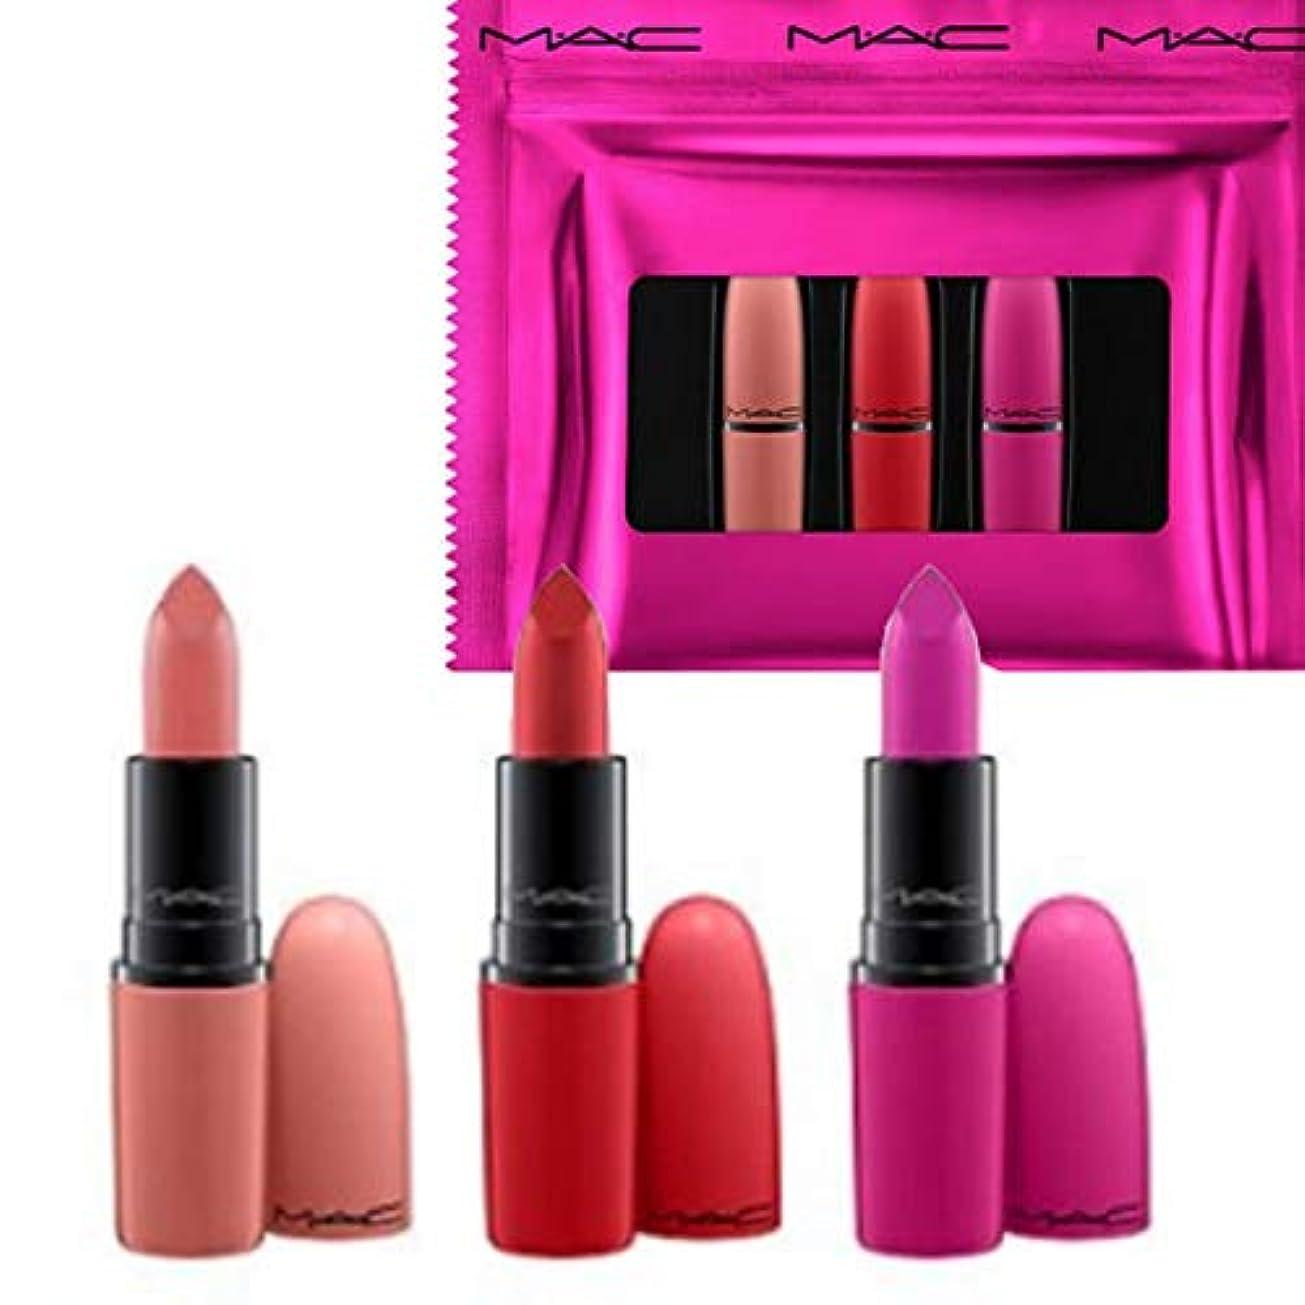 目立つ炎上防衛M.A.C ?マック, Limited Edition 限定版, 3-Pc. Shiny Pretty Things Lip Set - Russian Red/Kinda Sexy/Flat Out Fabulous...